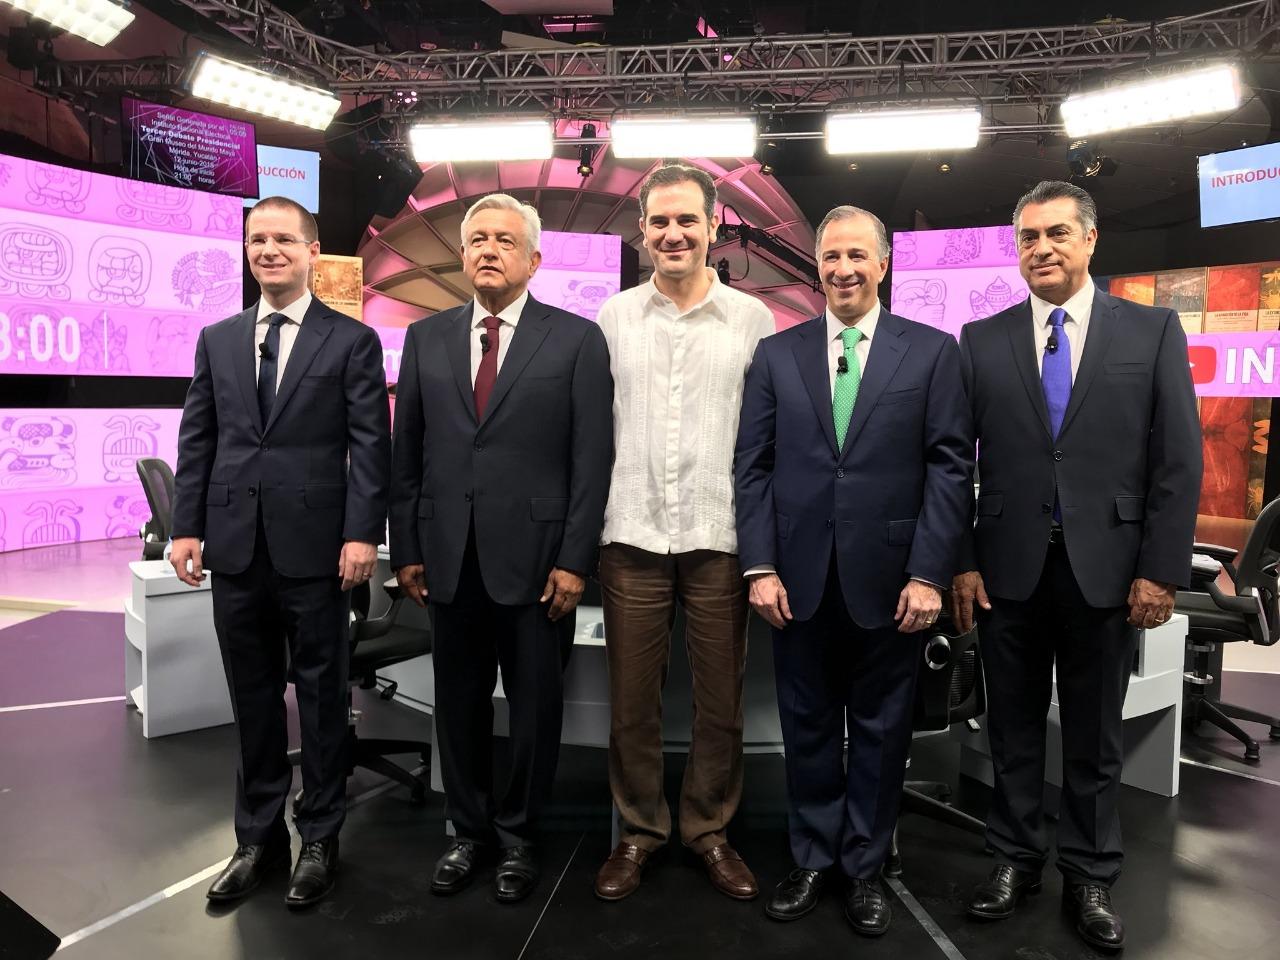 Las fórmulas para el crecimiento económico de México, según los presidenciables